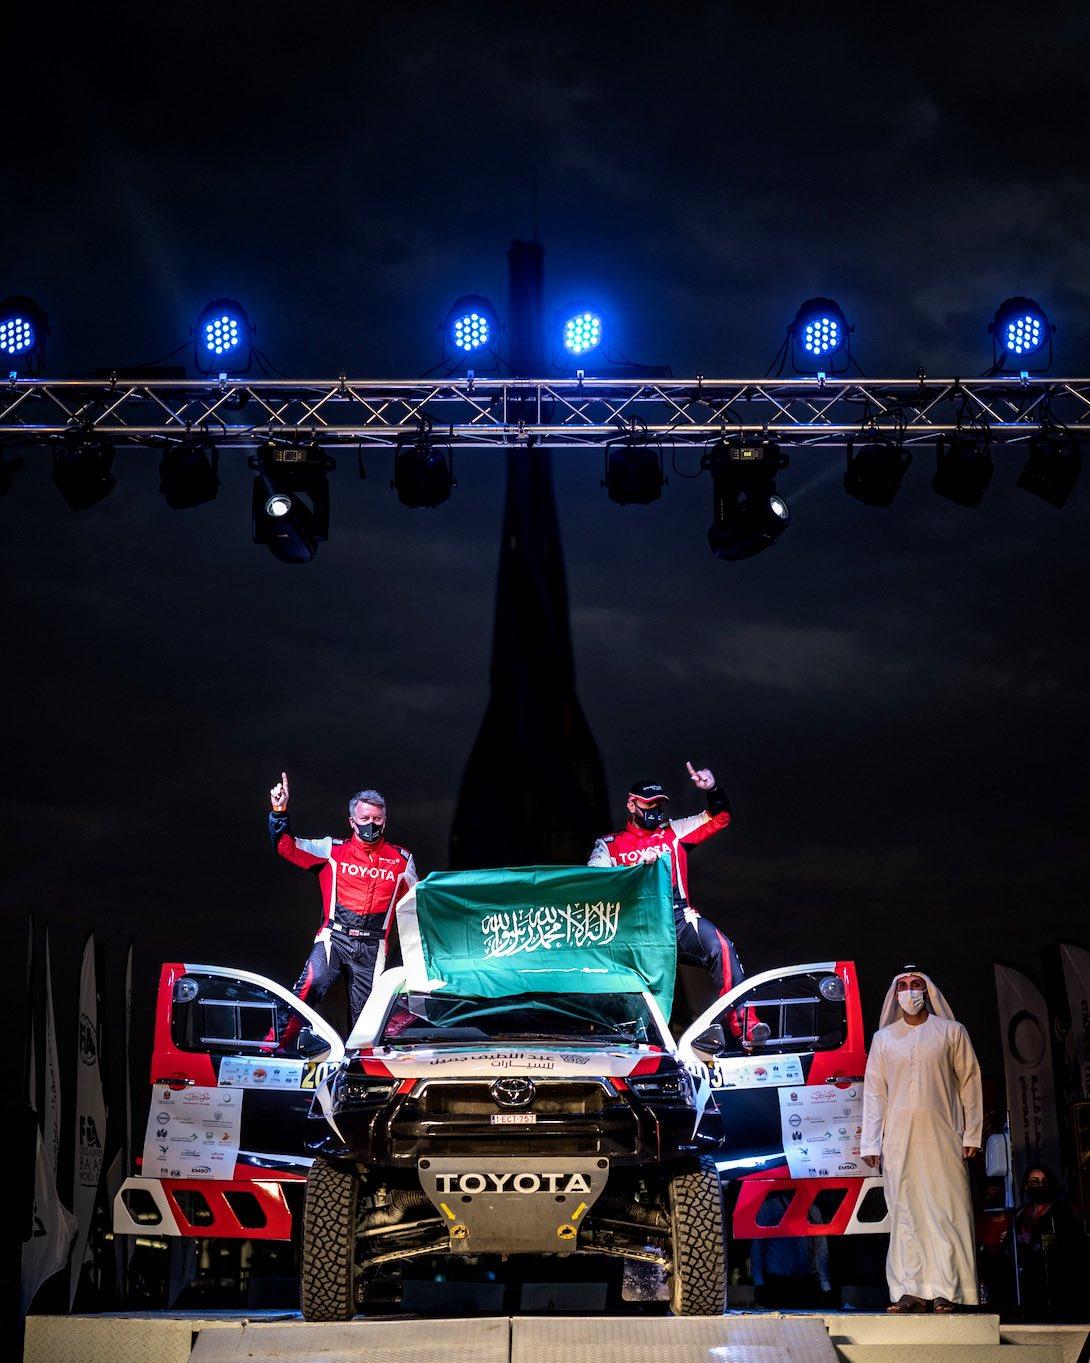 2021 43º Rallye Raid Dakar - Arabia Saudí [3-15 Enero] - Página 15 Eurn7bKXEAcib3b?format=jpg&name=large